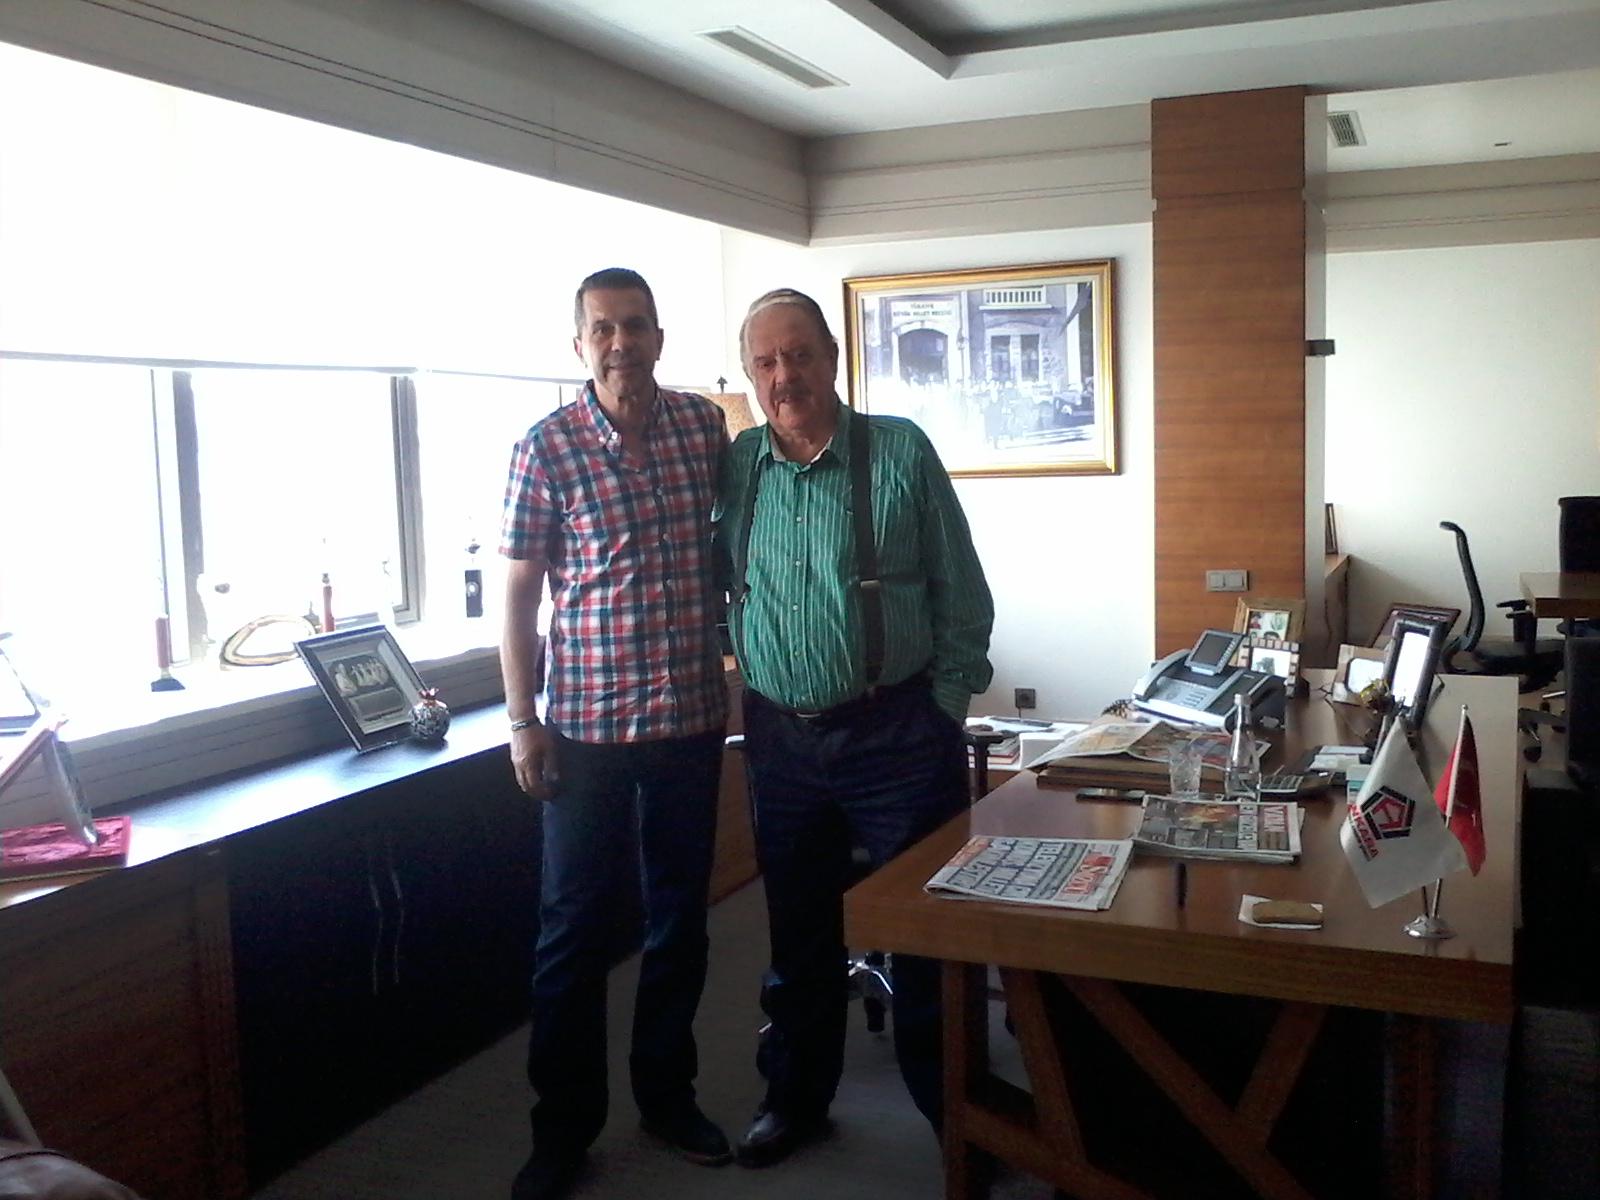 Gençlerbirliği Başkanı Ilhan Cavcav ile söyleşiden sonra… Eylül 2015